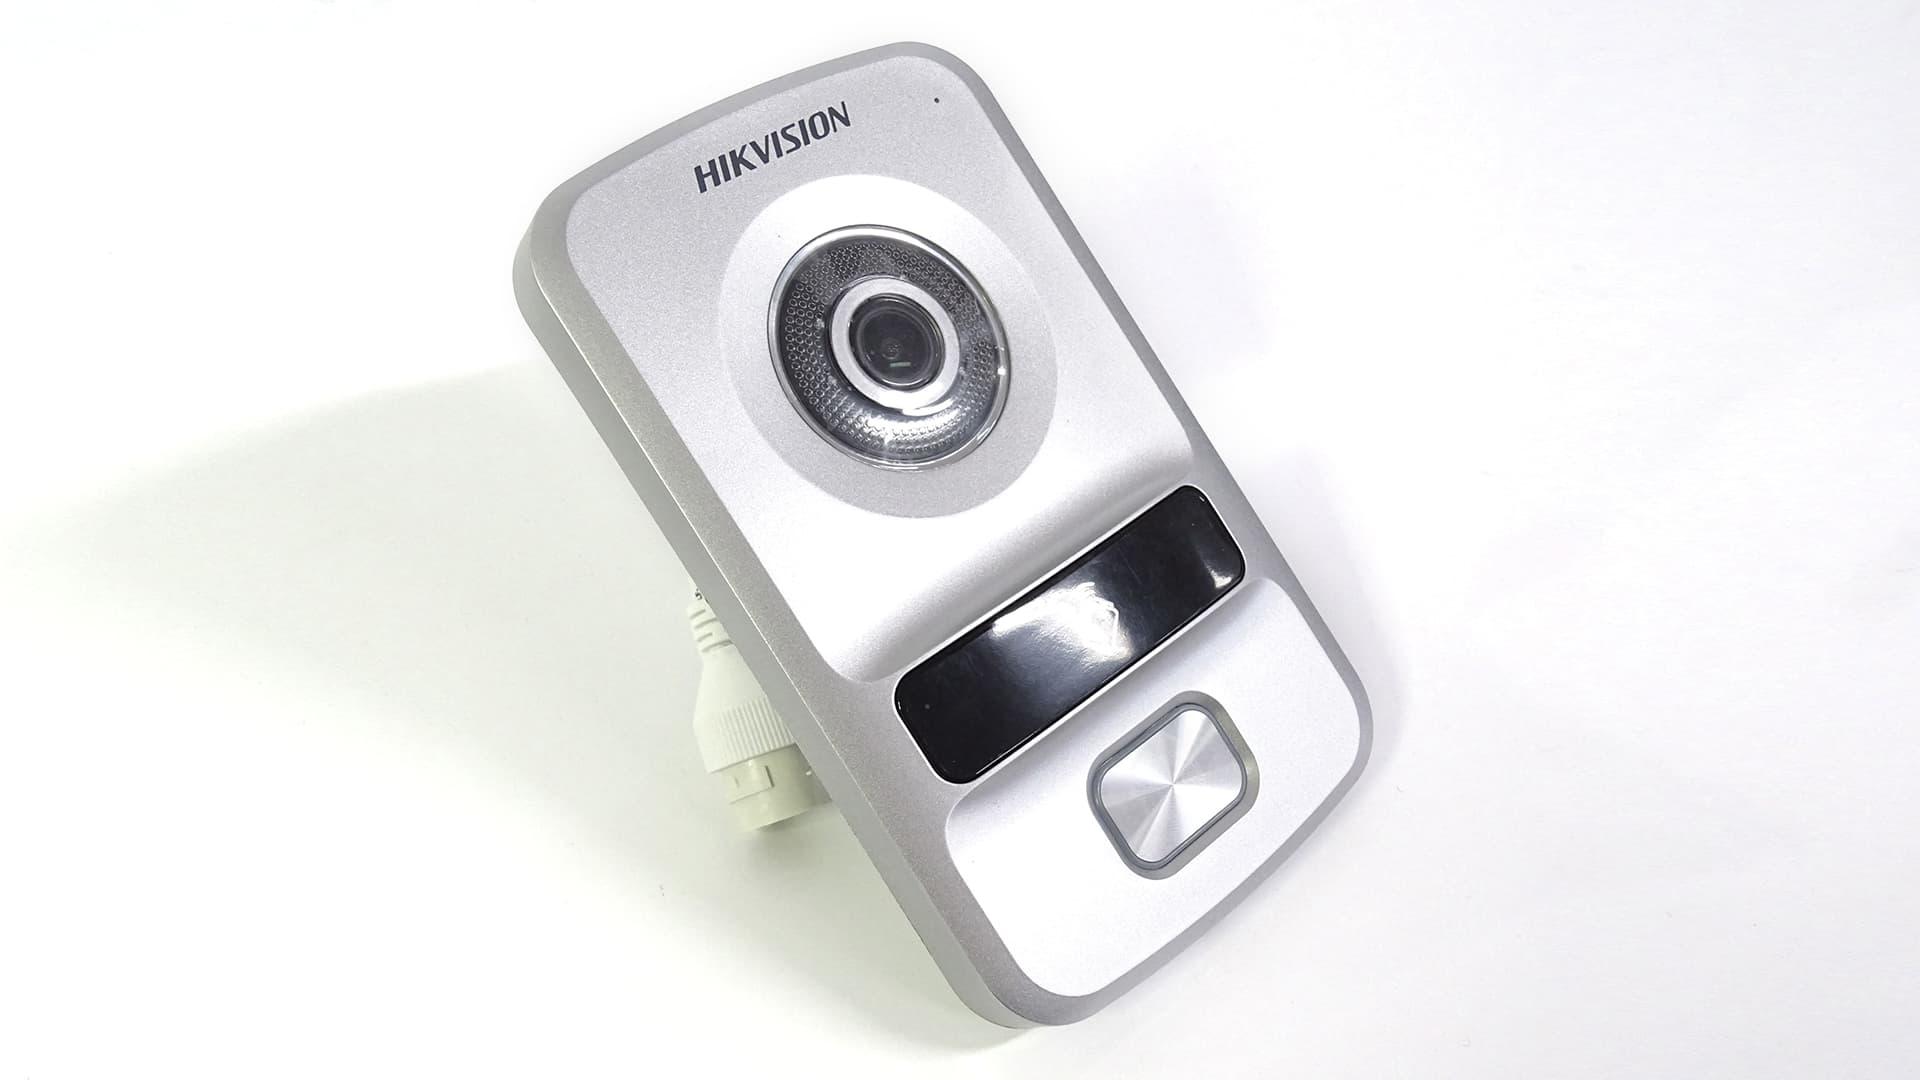 Portier HIKVision, découverte des modèles avec ou sans écran